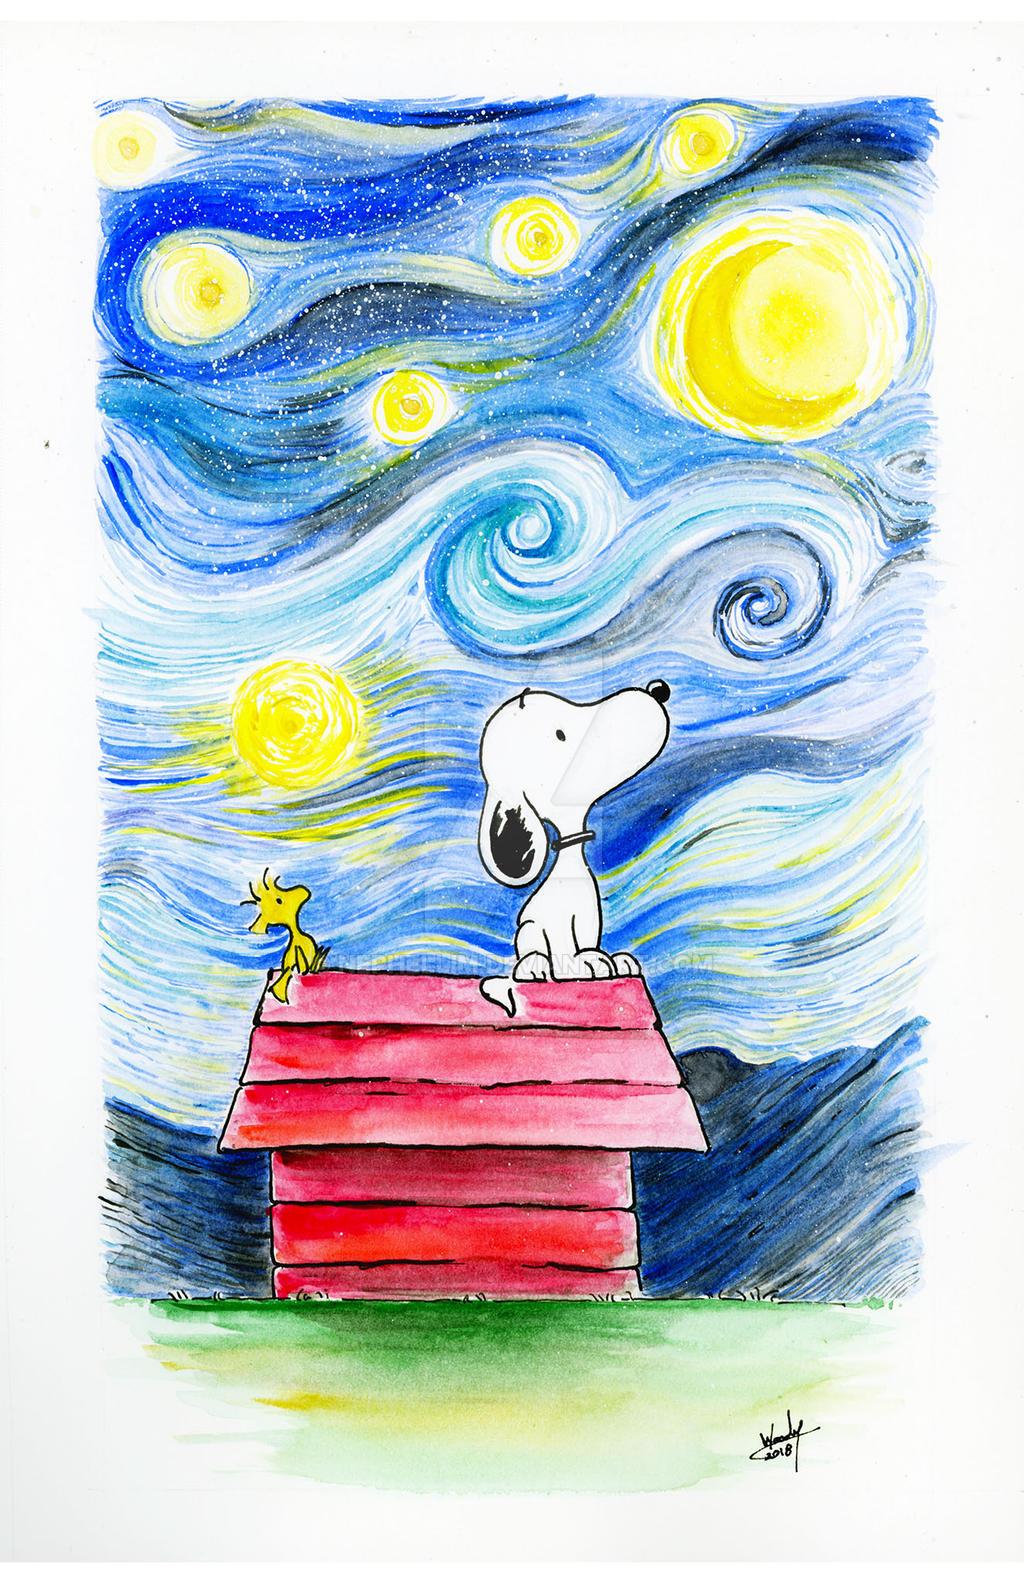 Snoopy by Nephellim